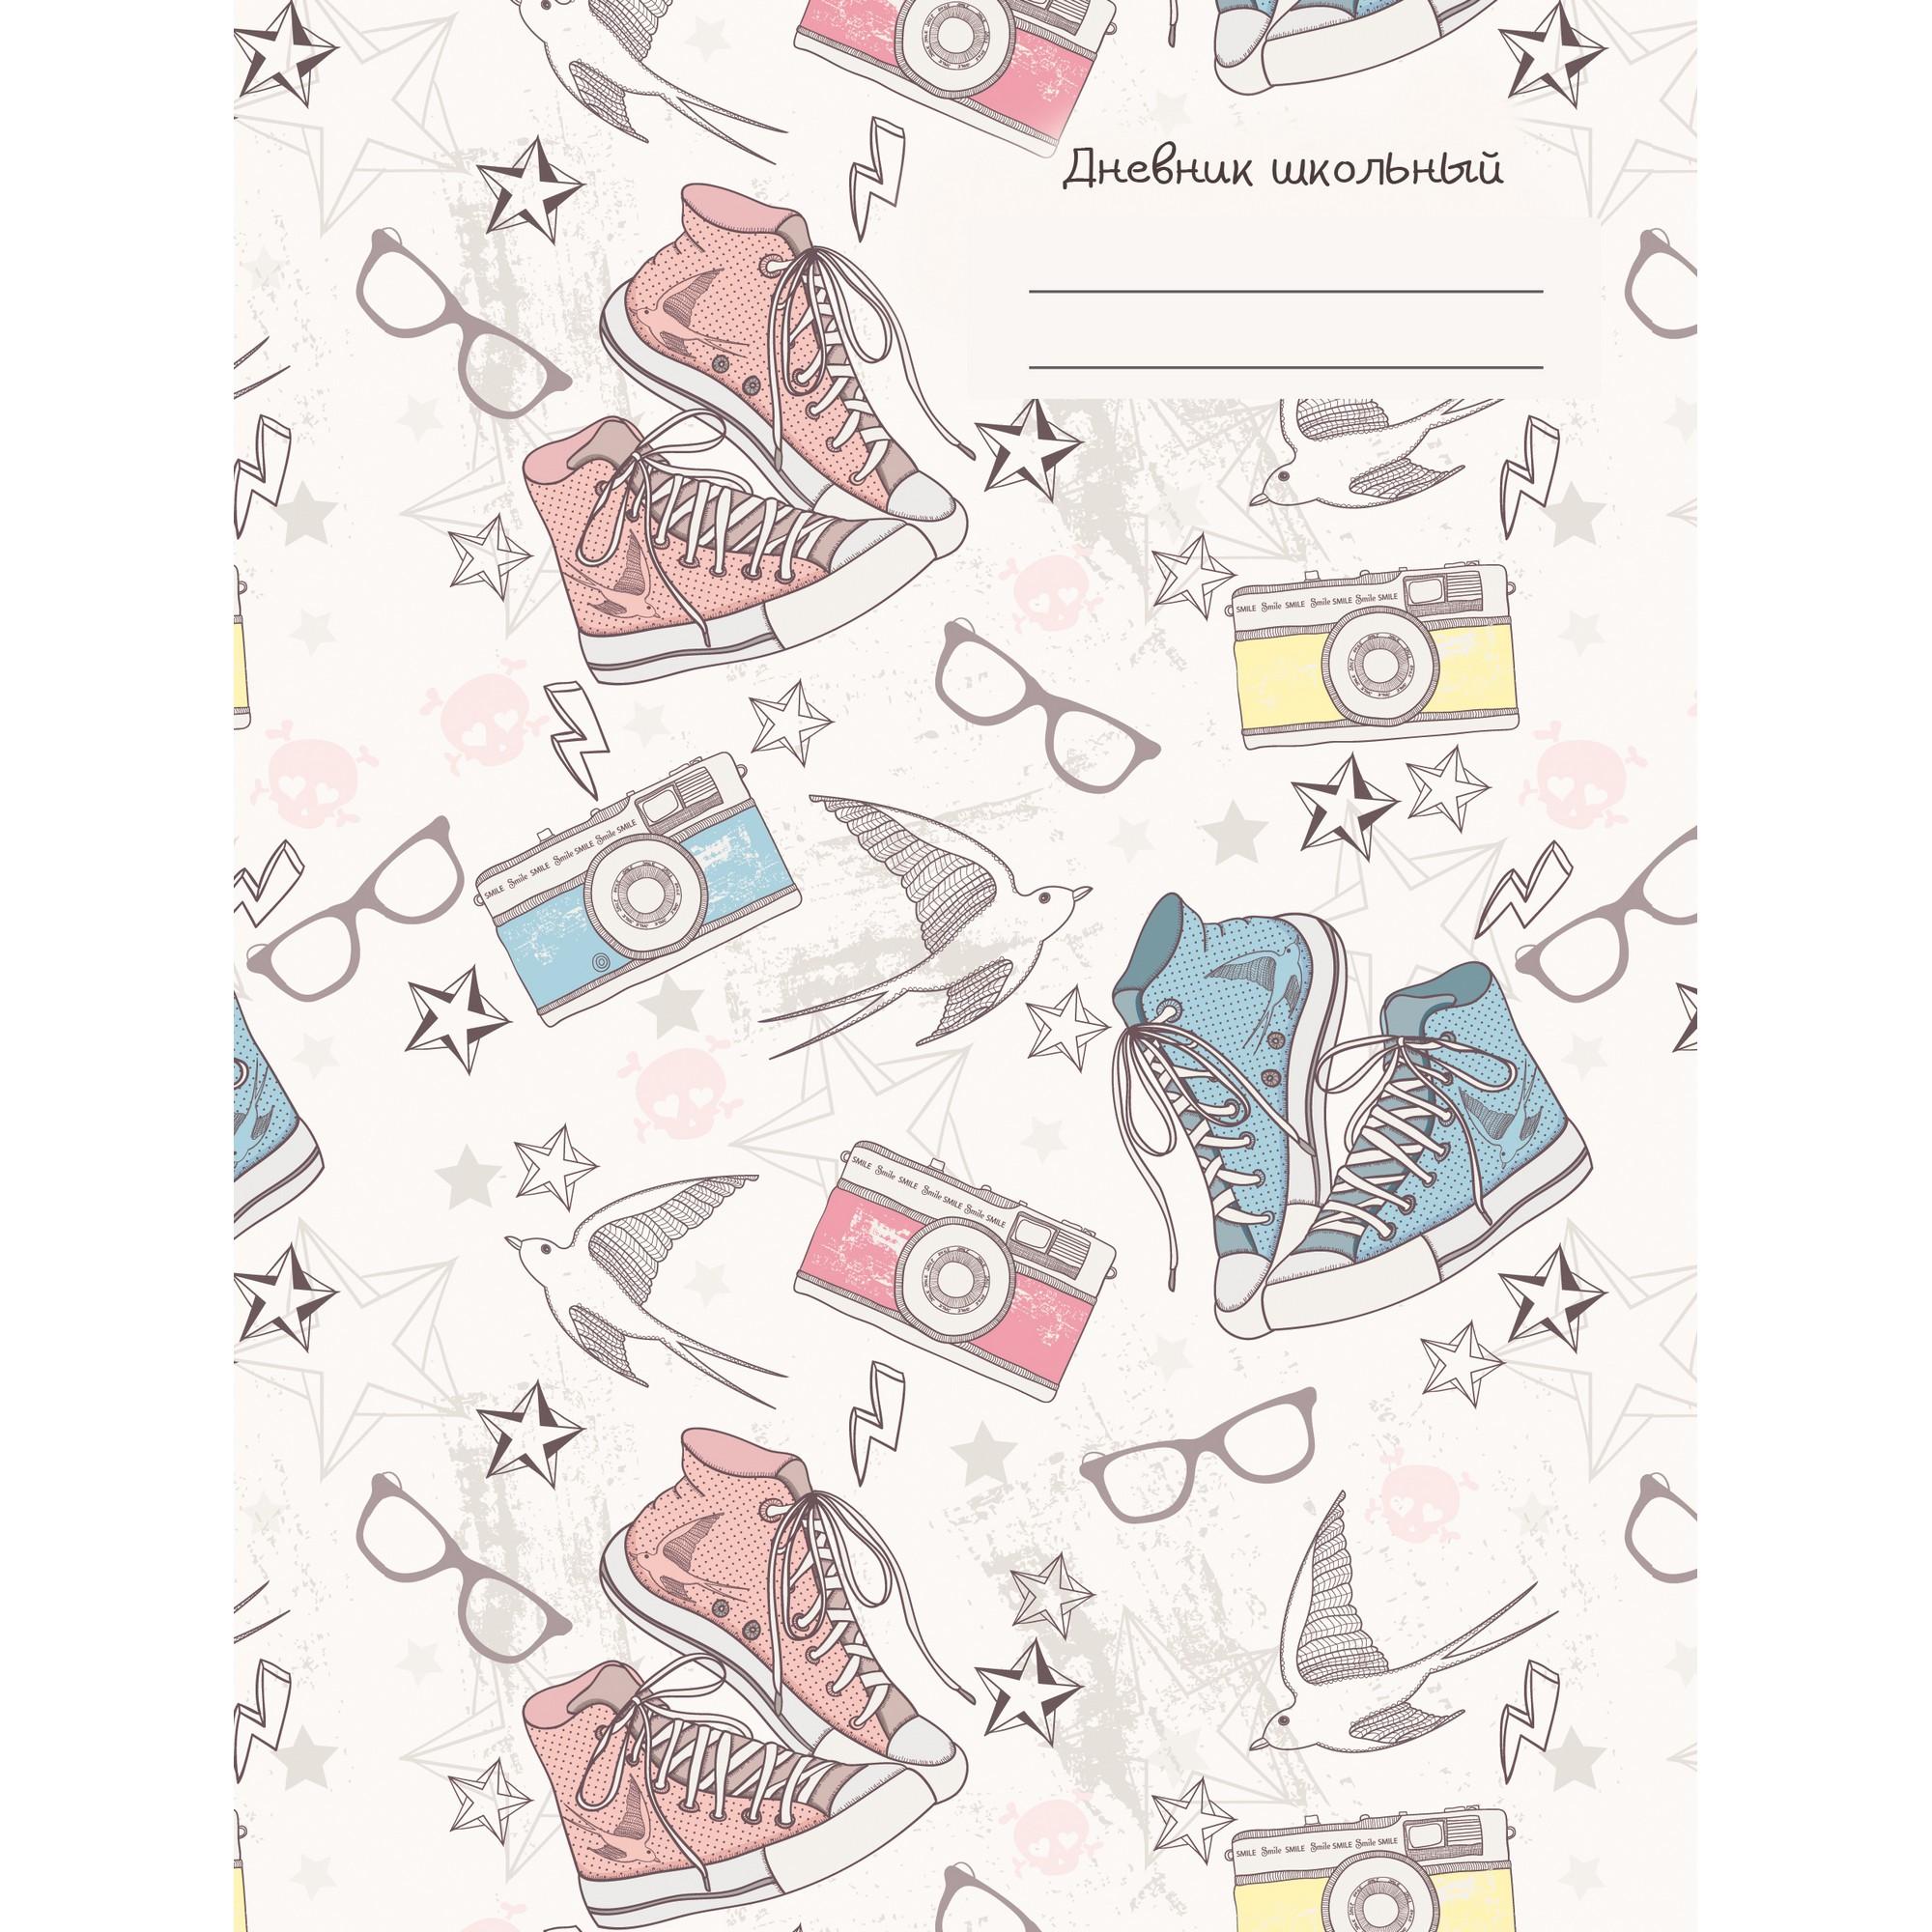 Дневник ст кл Дневник школьницы. Дизайн 6